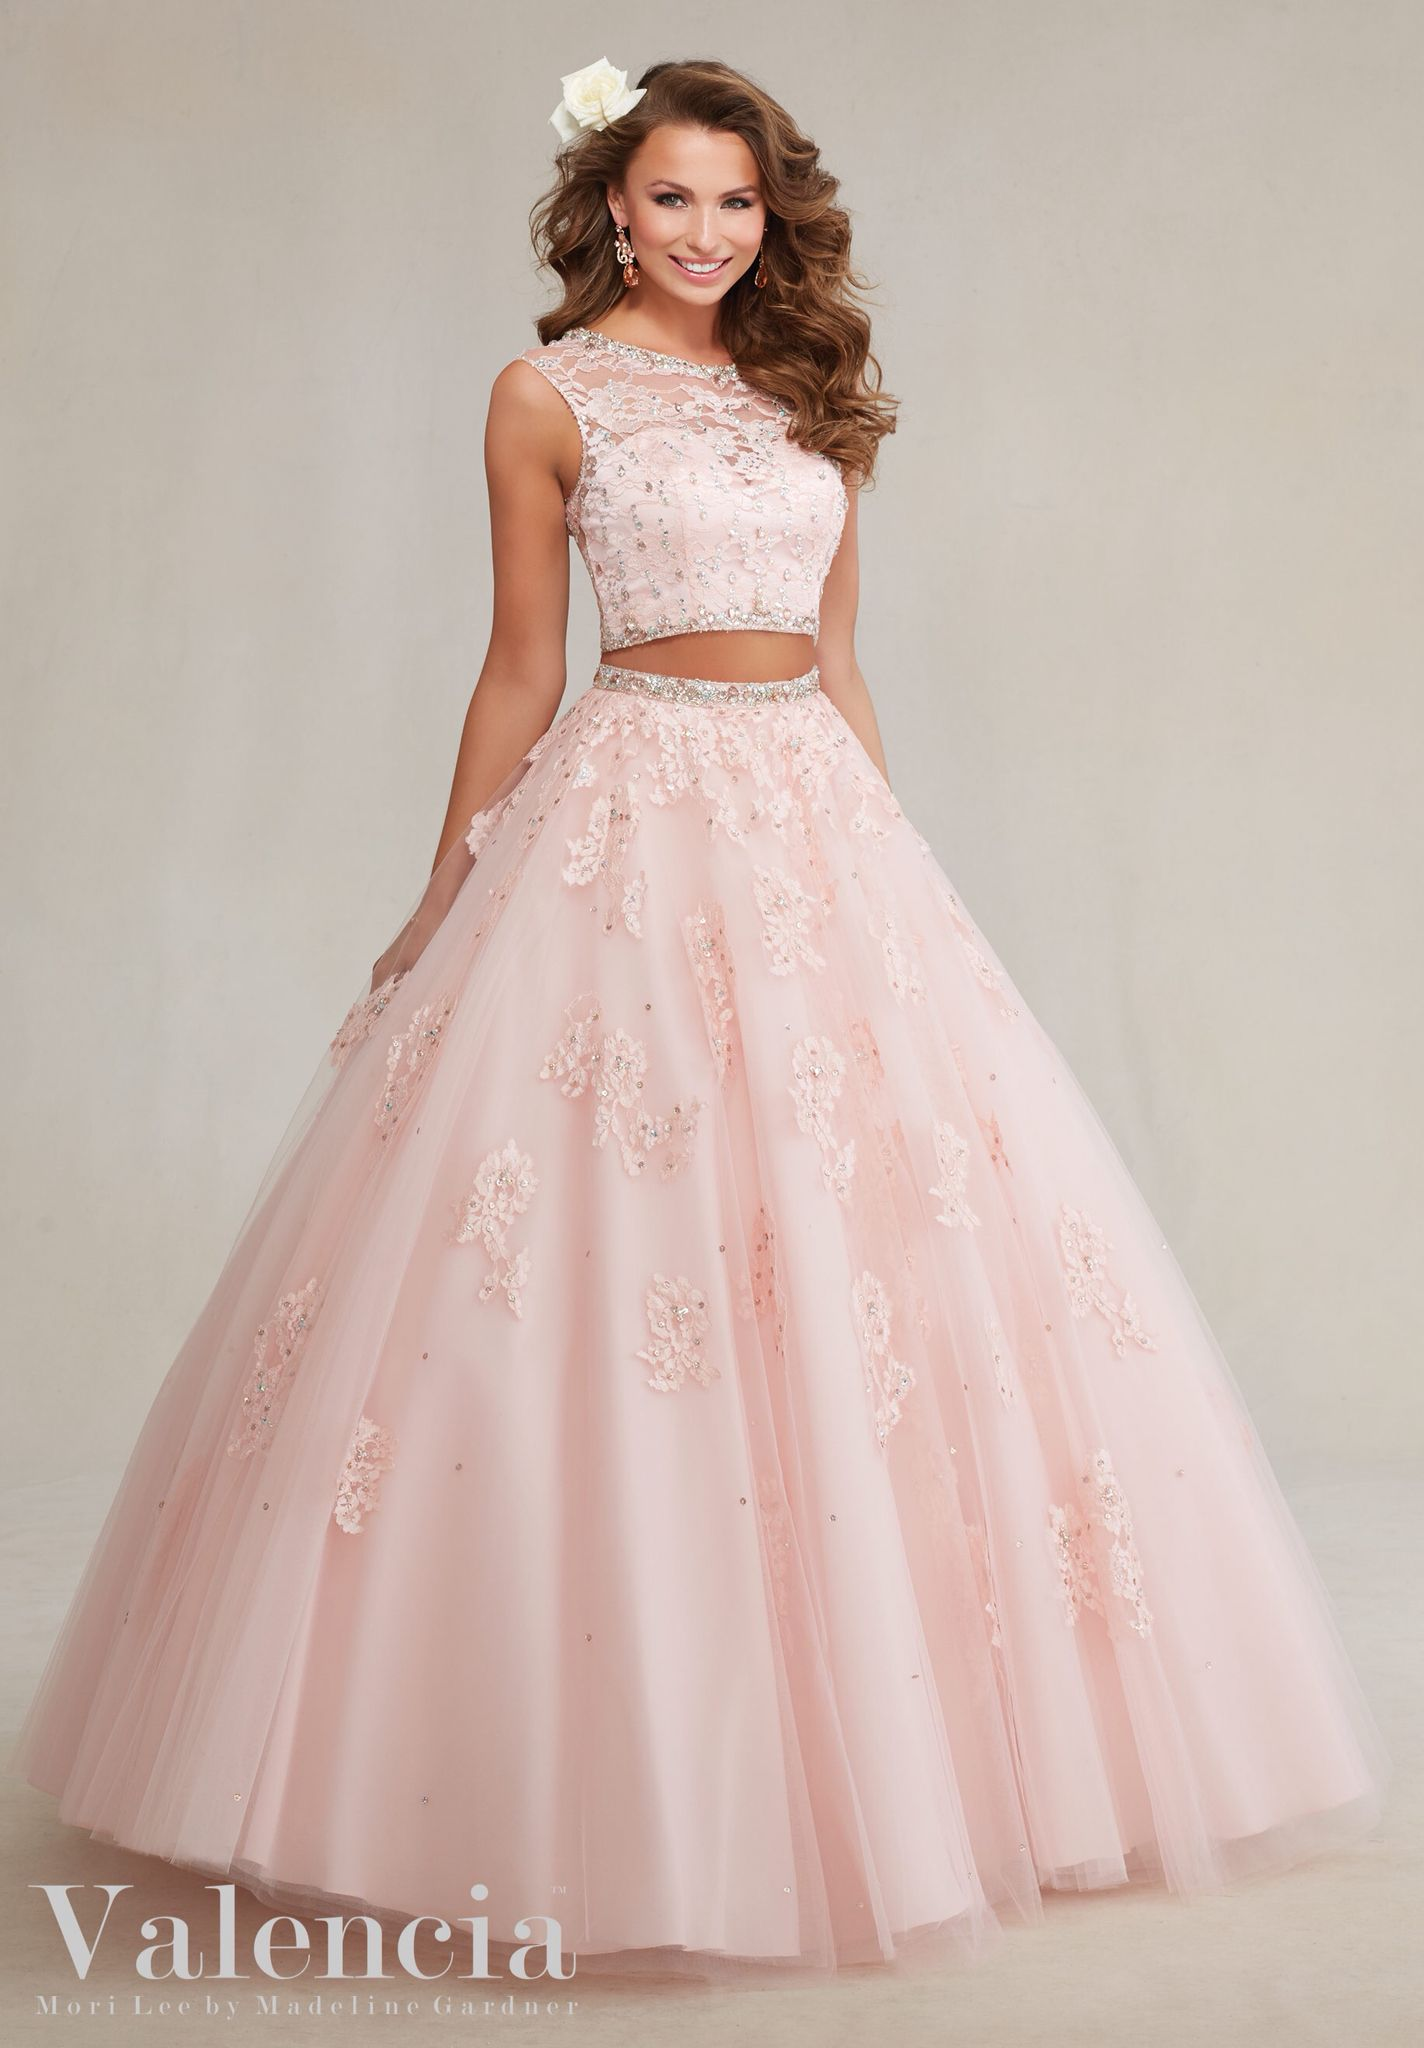 Fantastisch Prom Kleider In Texas Fotos - Hochzeitskleid Für Braut ...